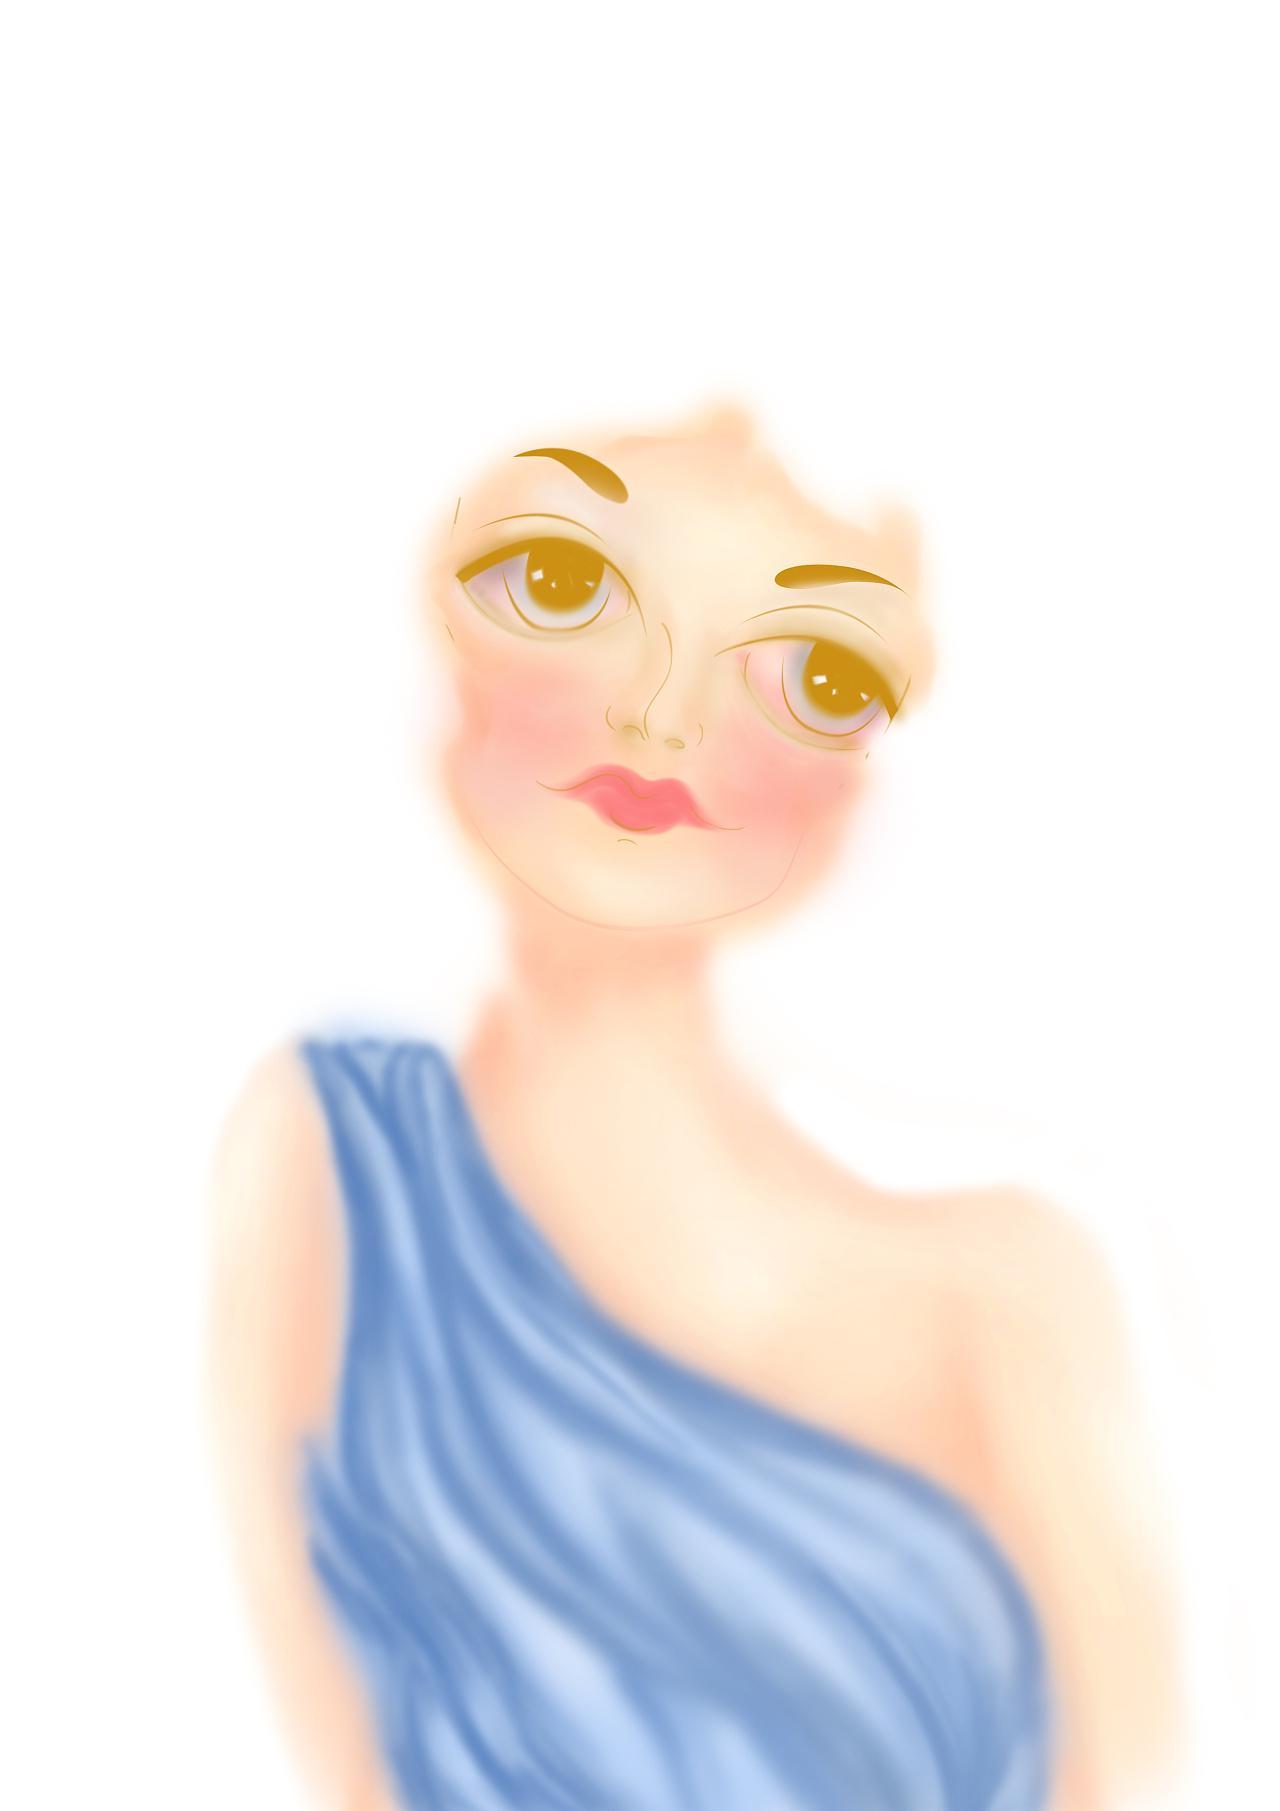 绘画人像|平面|图案|池王思 - 原创作品 - 站酷